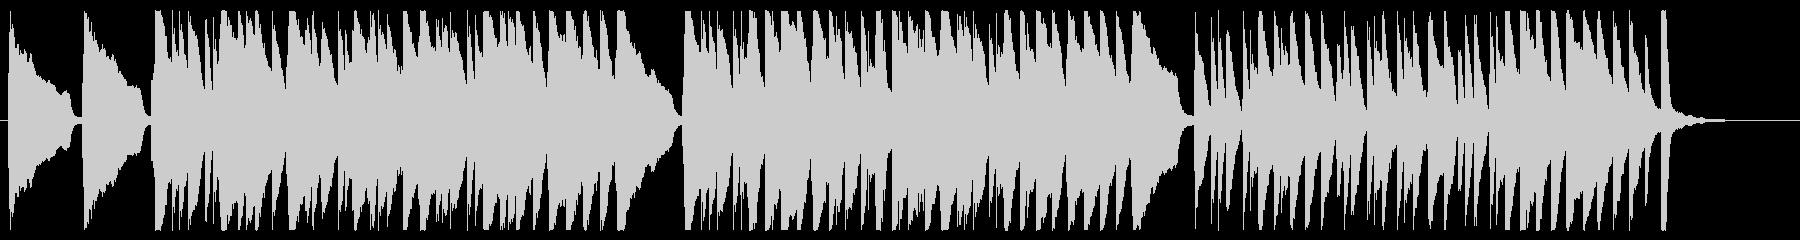 十人のインディアン ピアノver.の未再生の波形